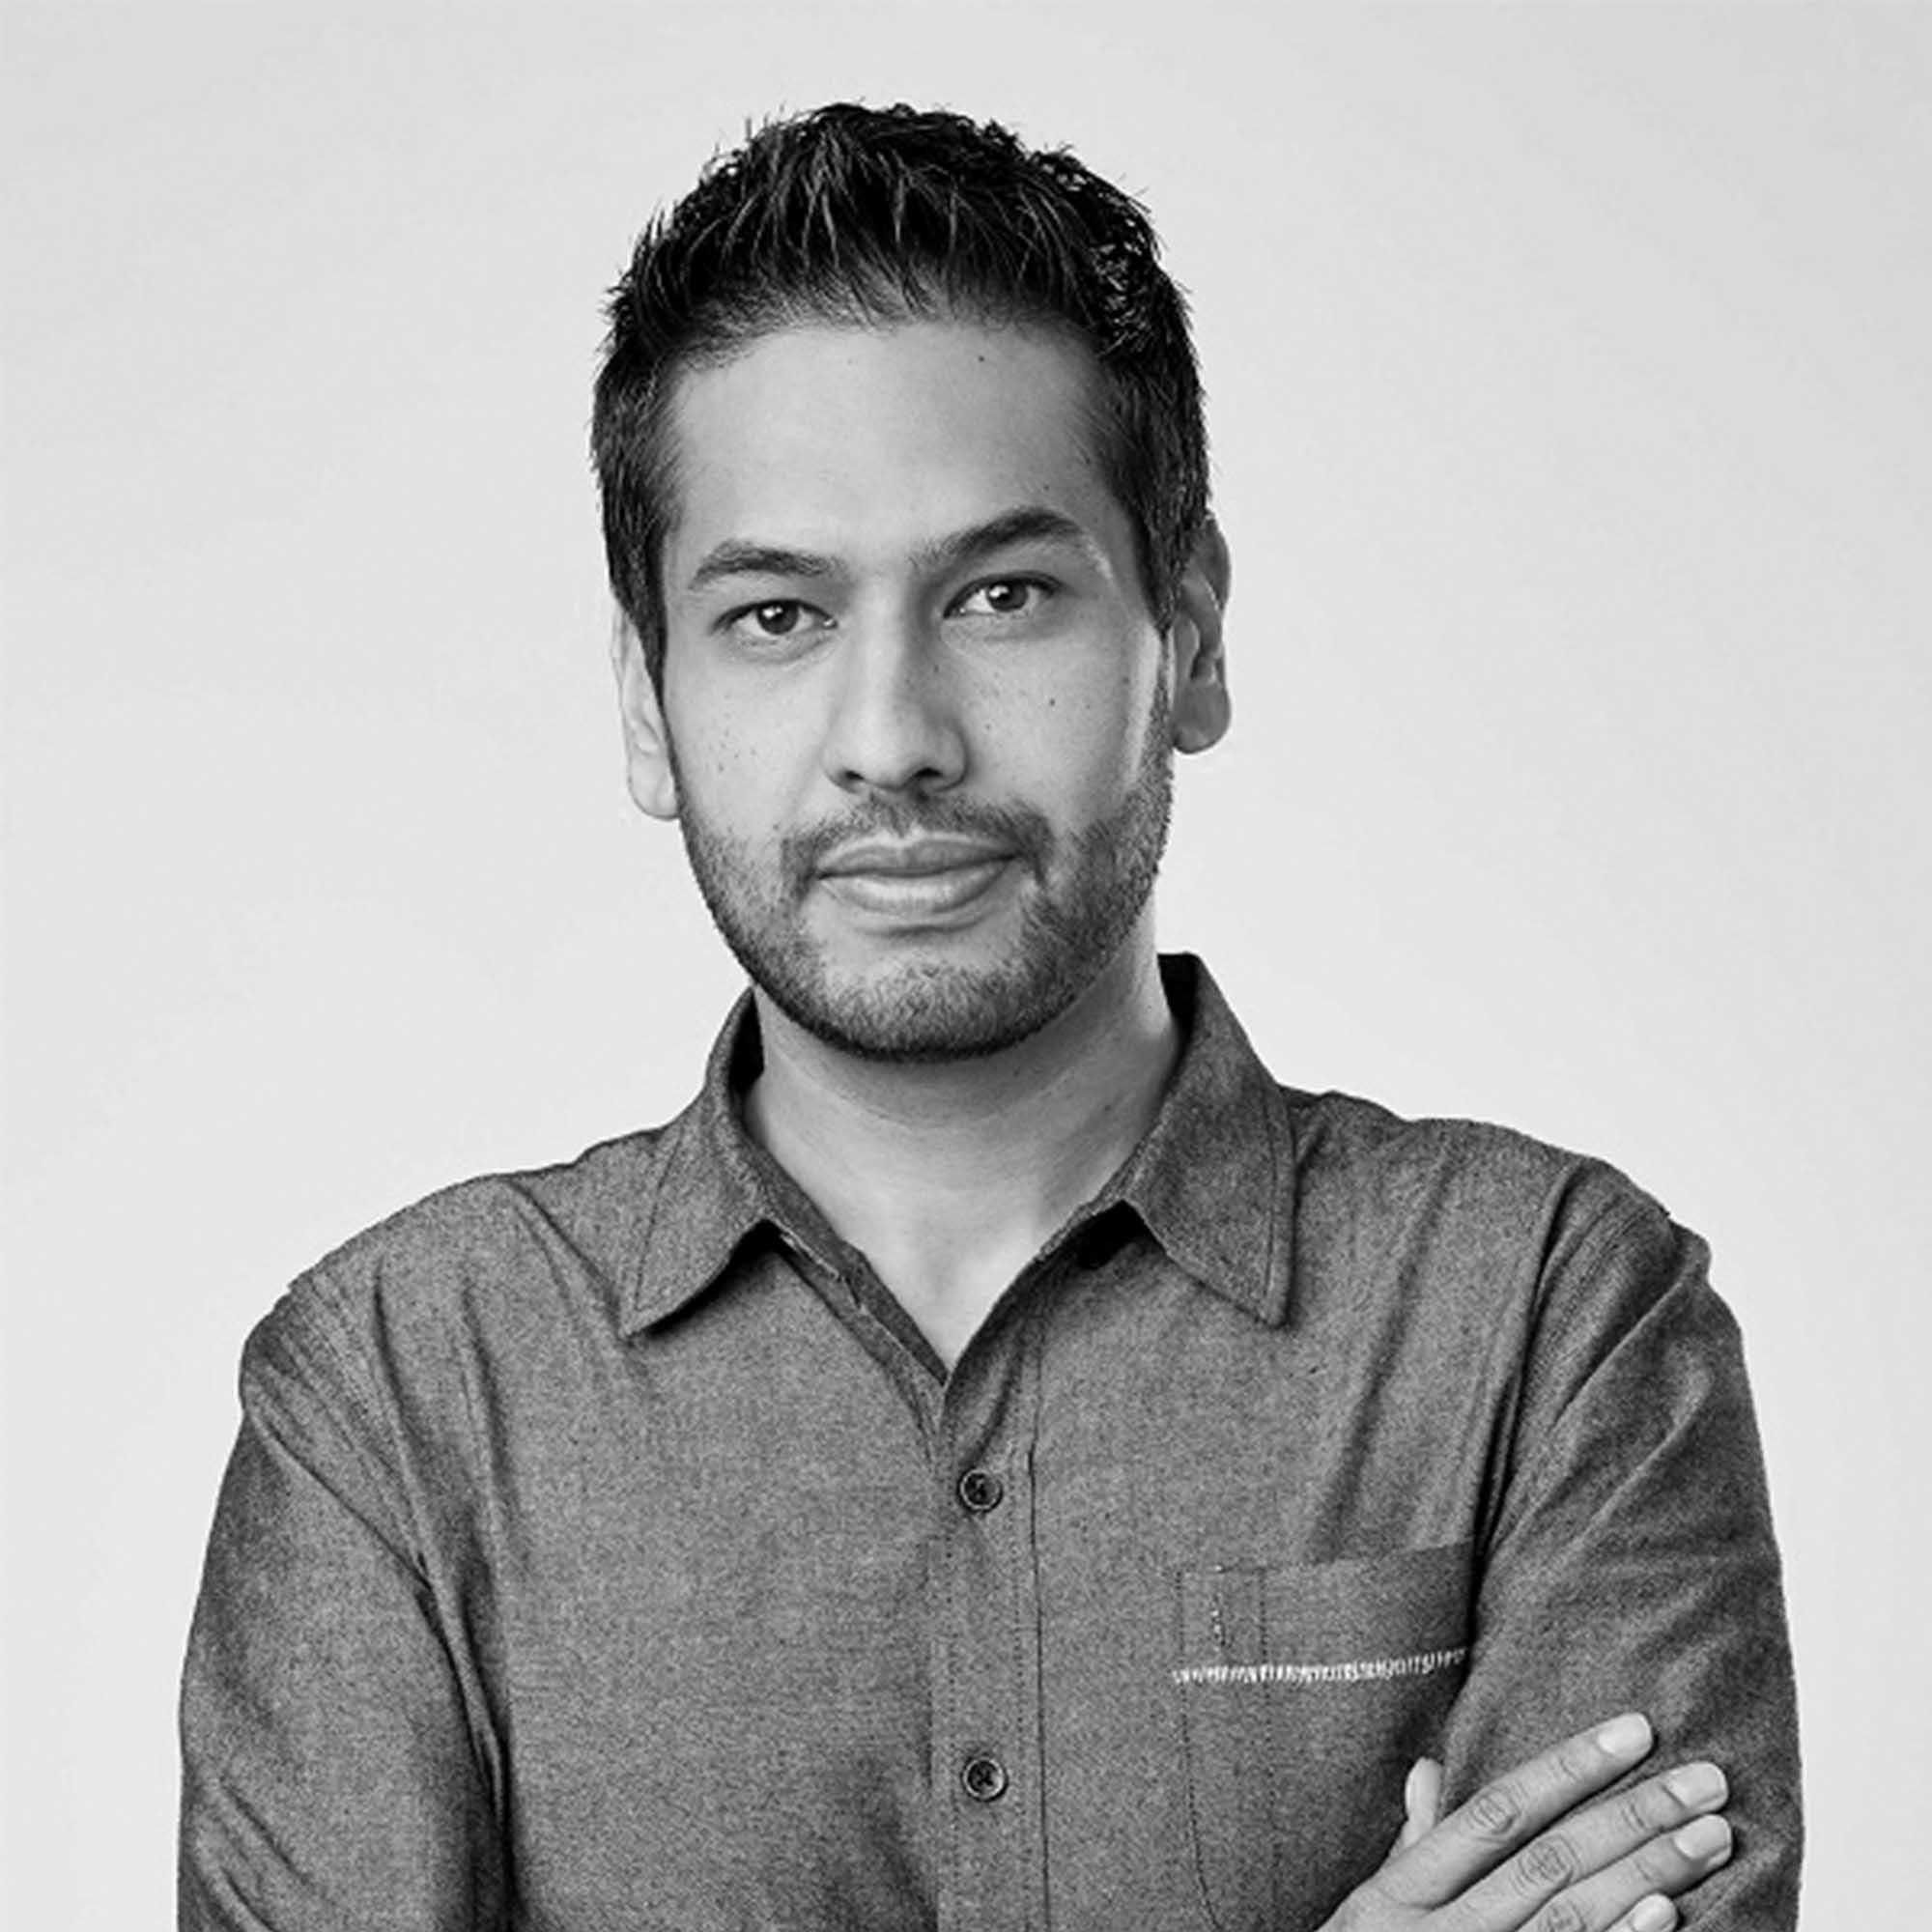 Muhammad Shahzad - CFO of The Honest Company